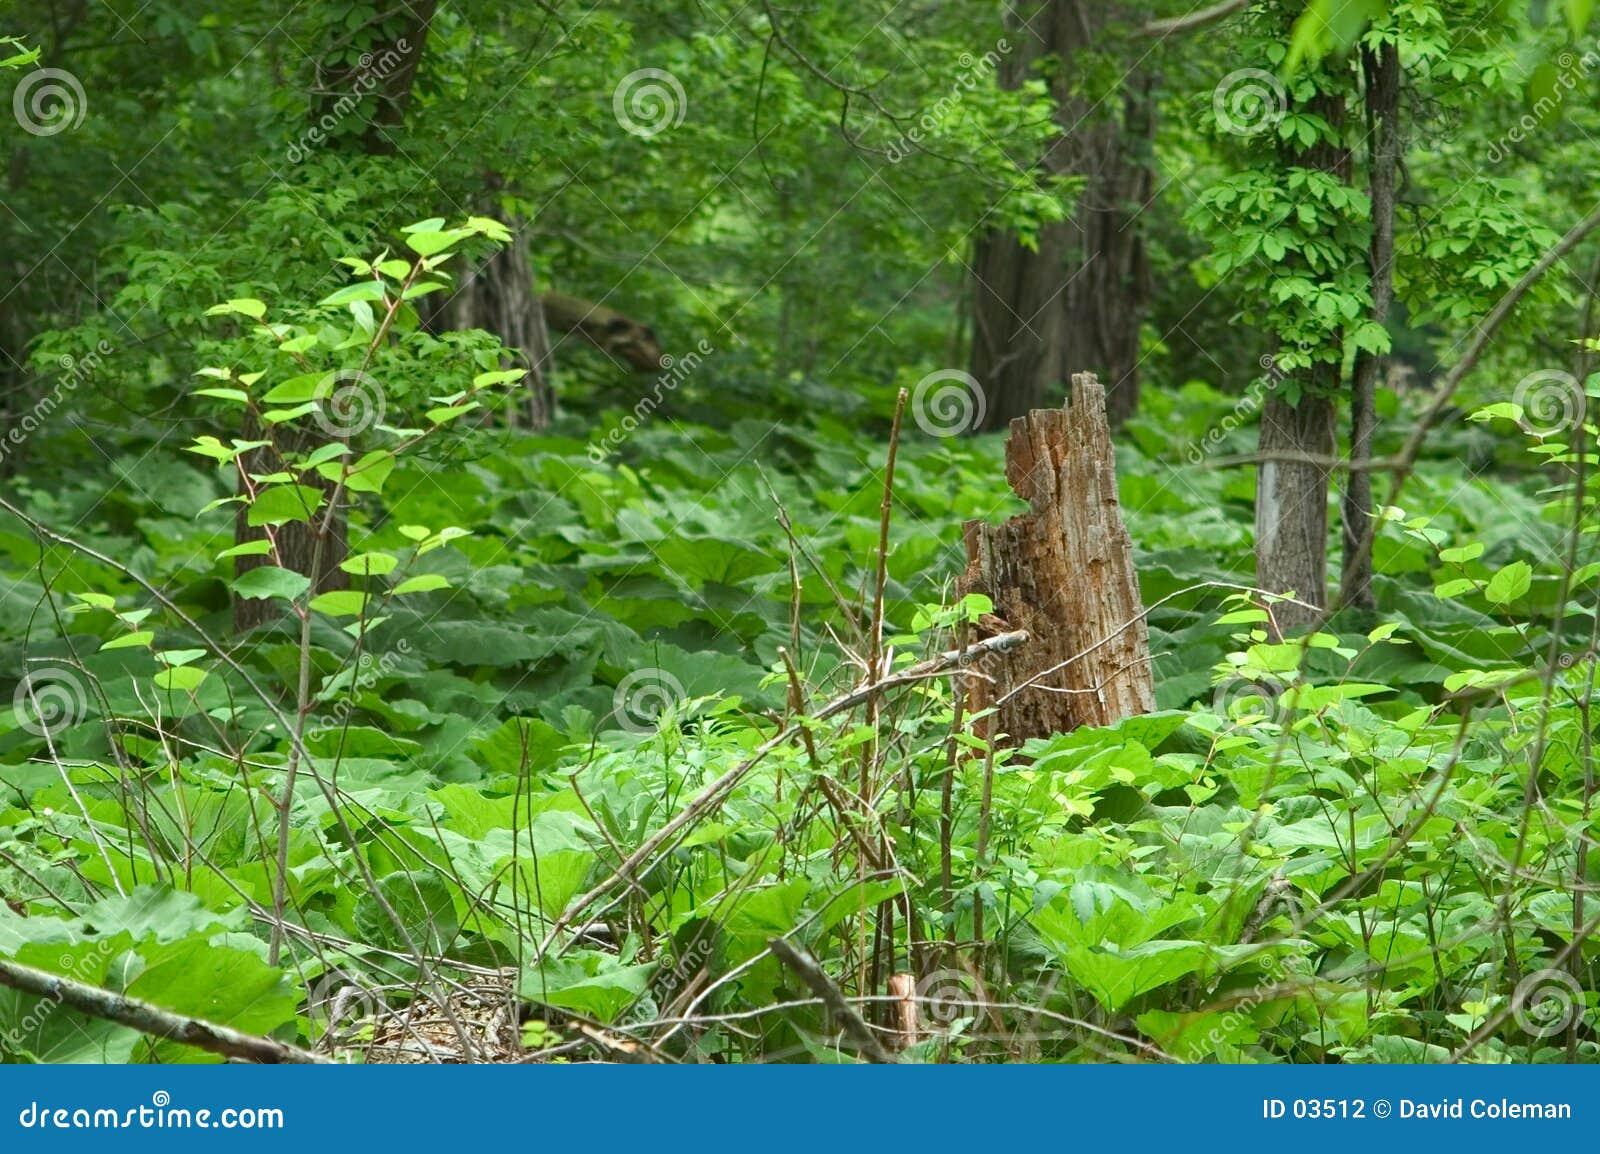 Tree stump surrounded be vegetation